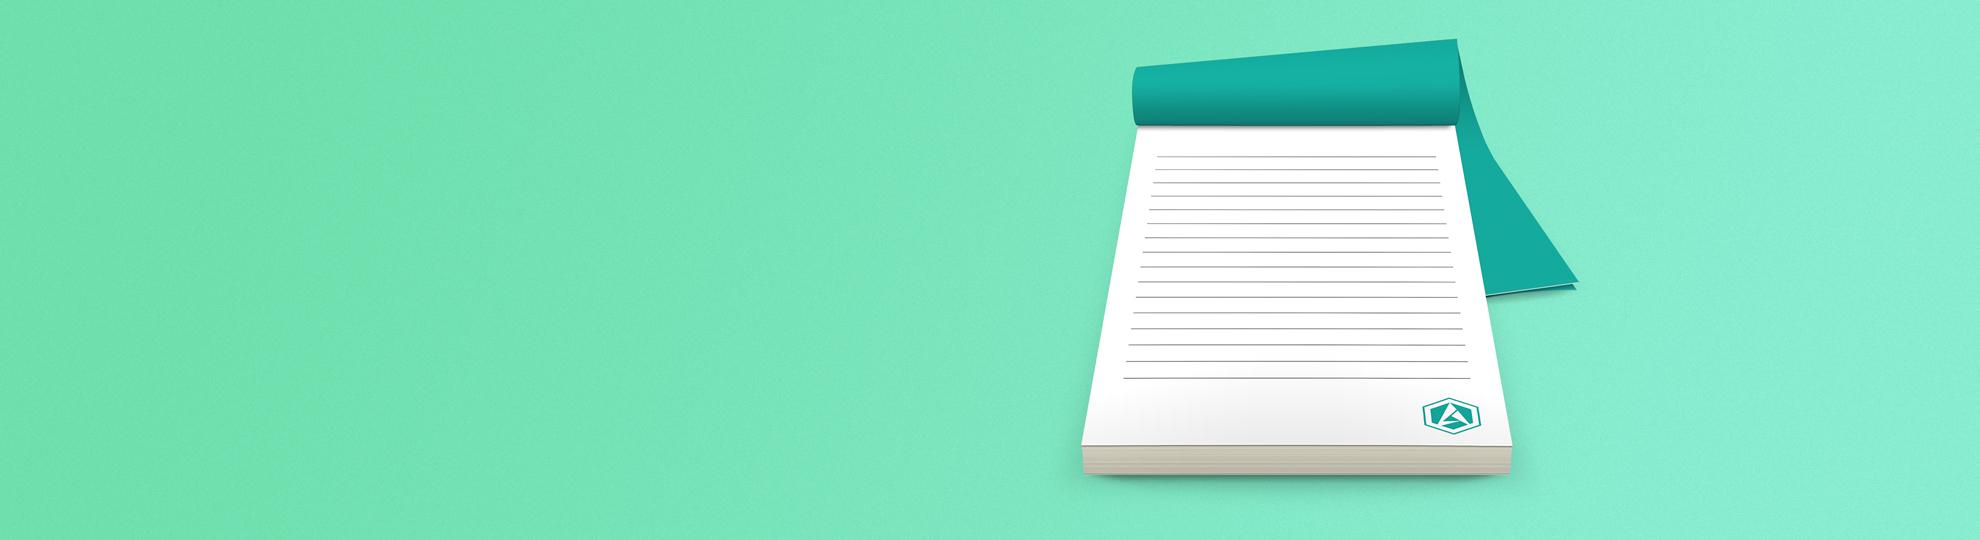 Impression bloc-note personnalisé entreprise standard